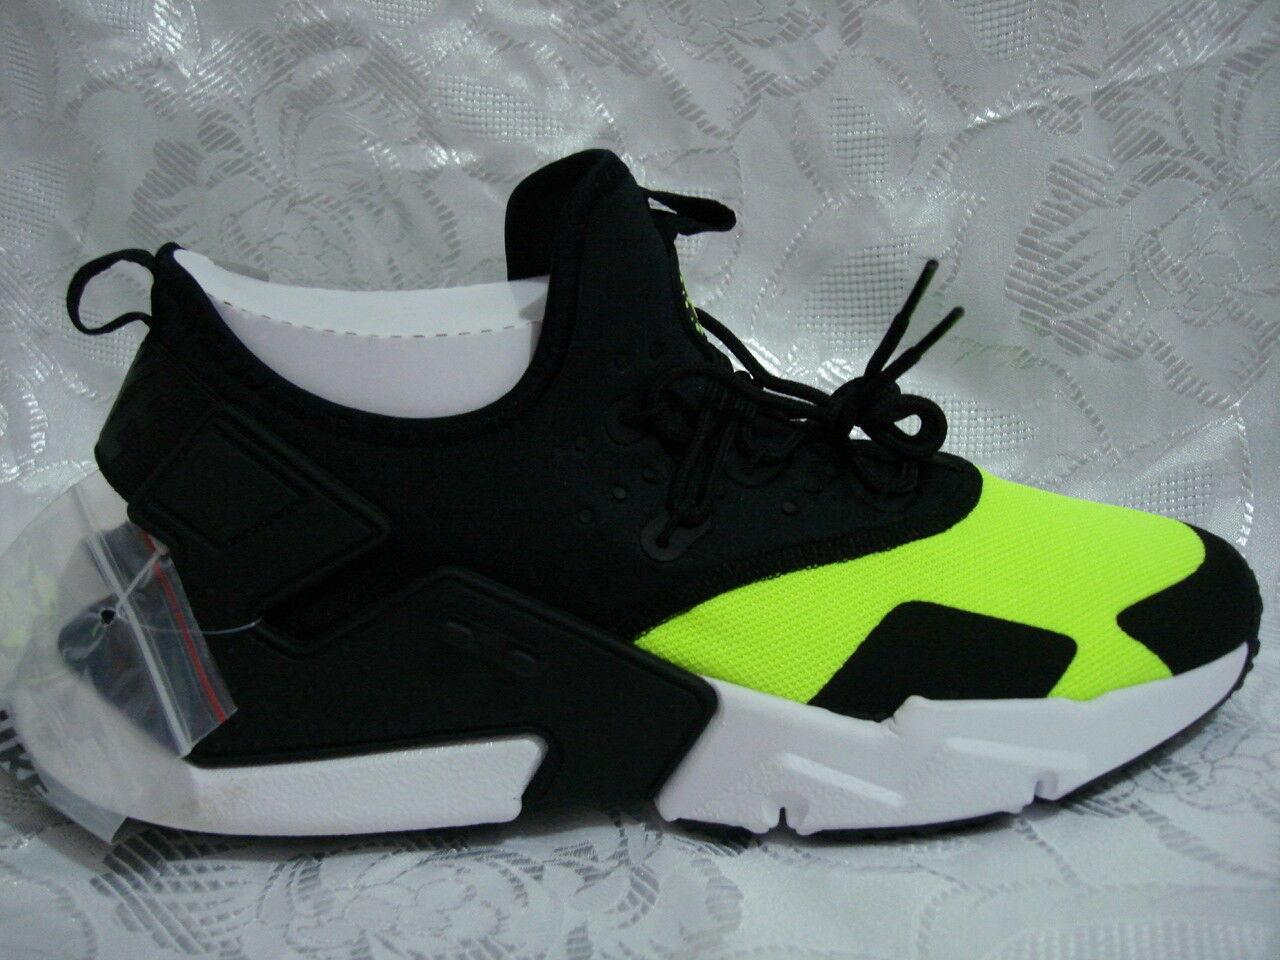 Nike drift air huarache drift Nike 11,5 - volt - schwarz mit ah7334 700 max flyknit 270 reagieren. a483b8